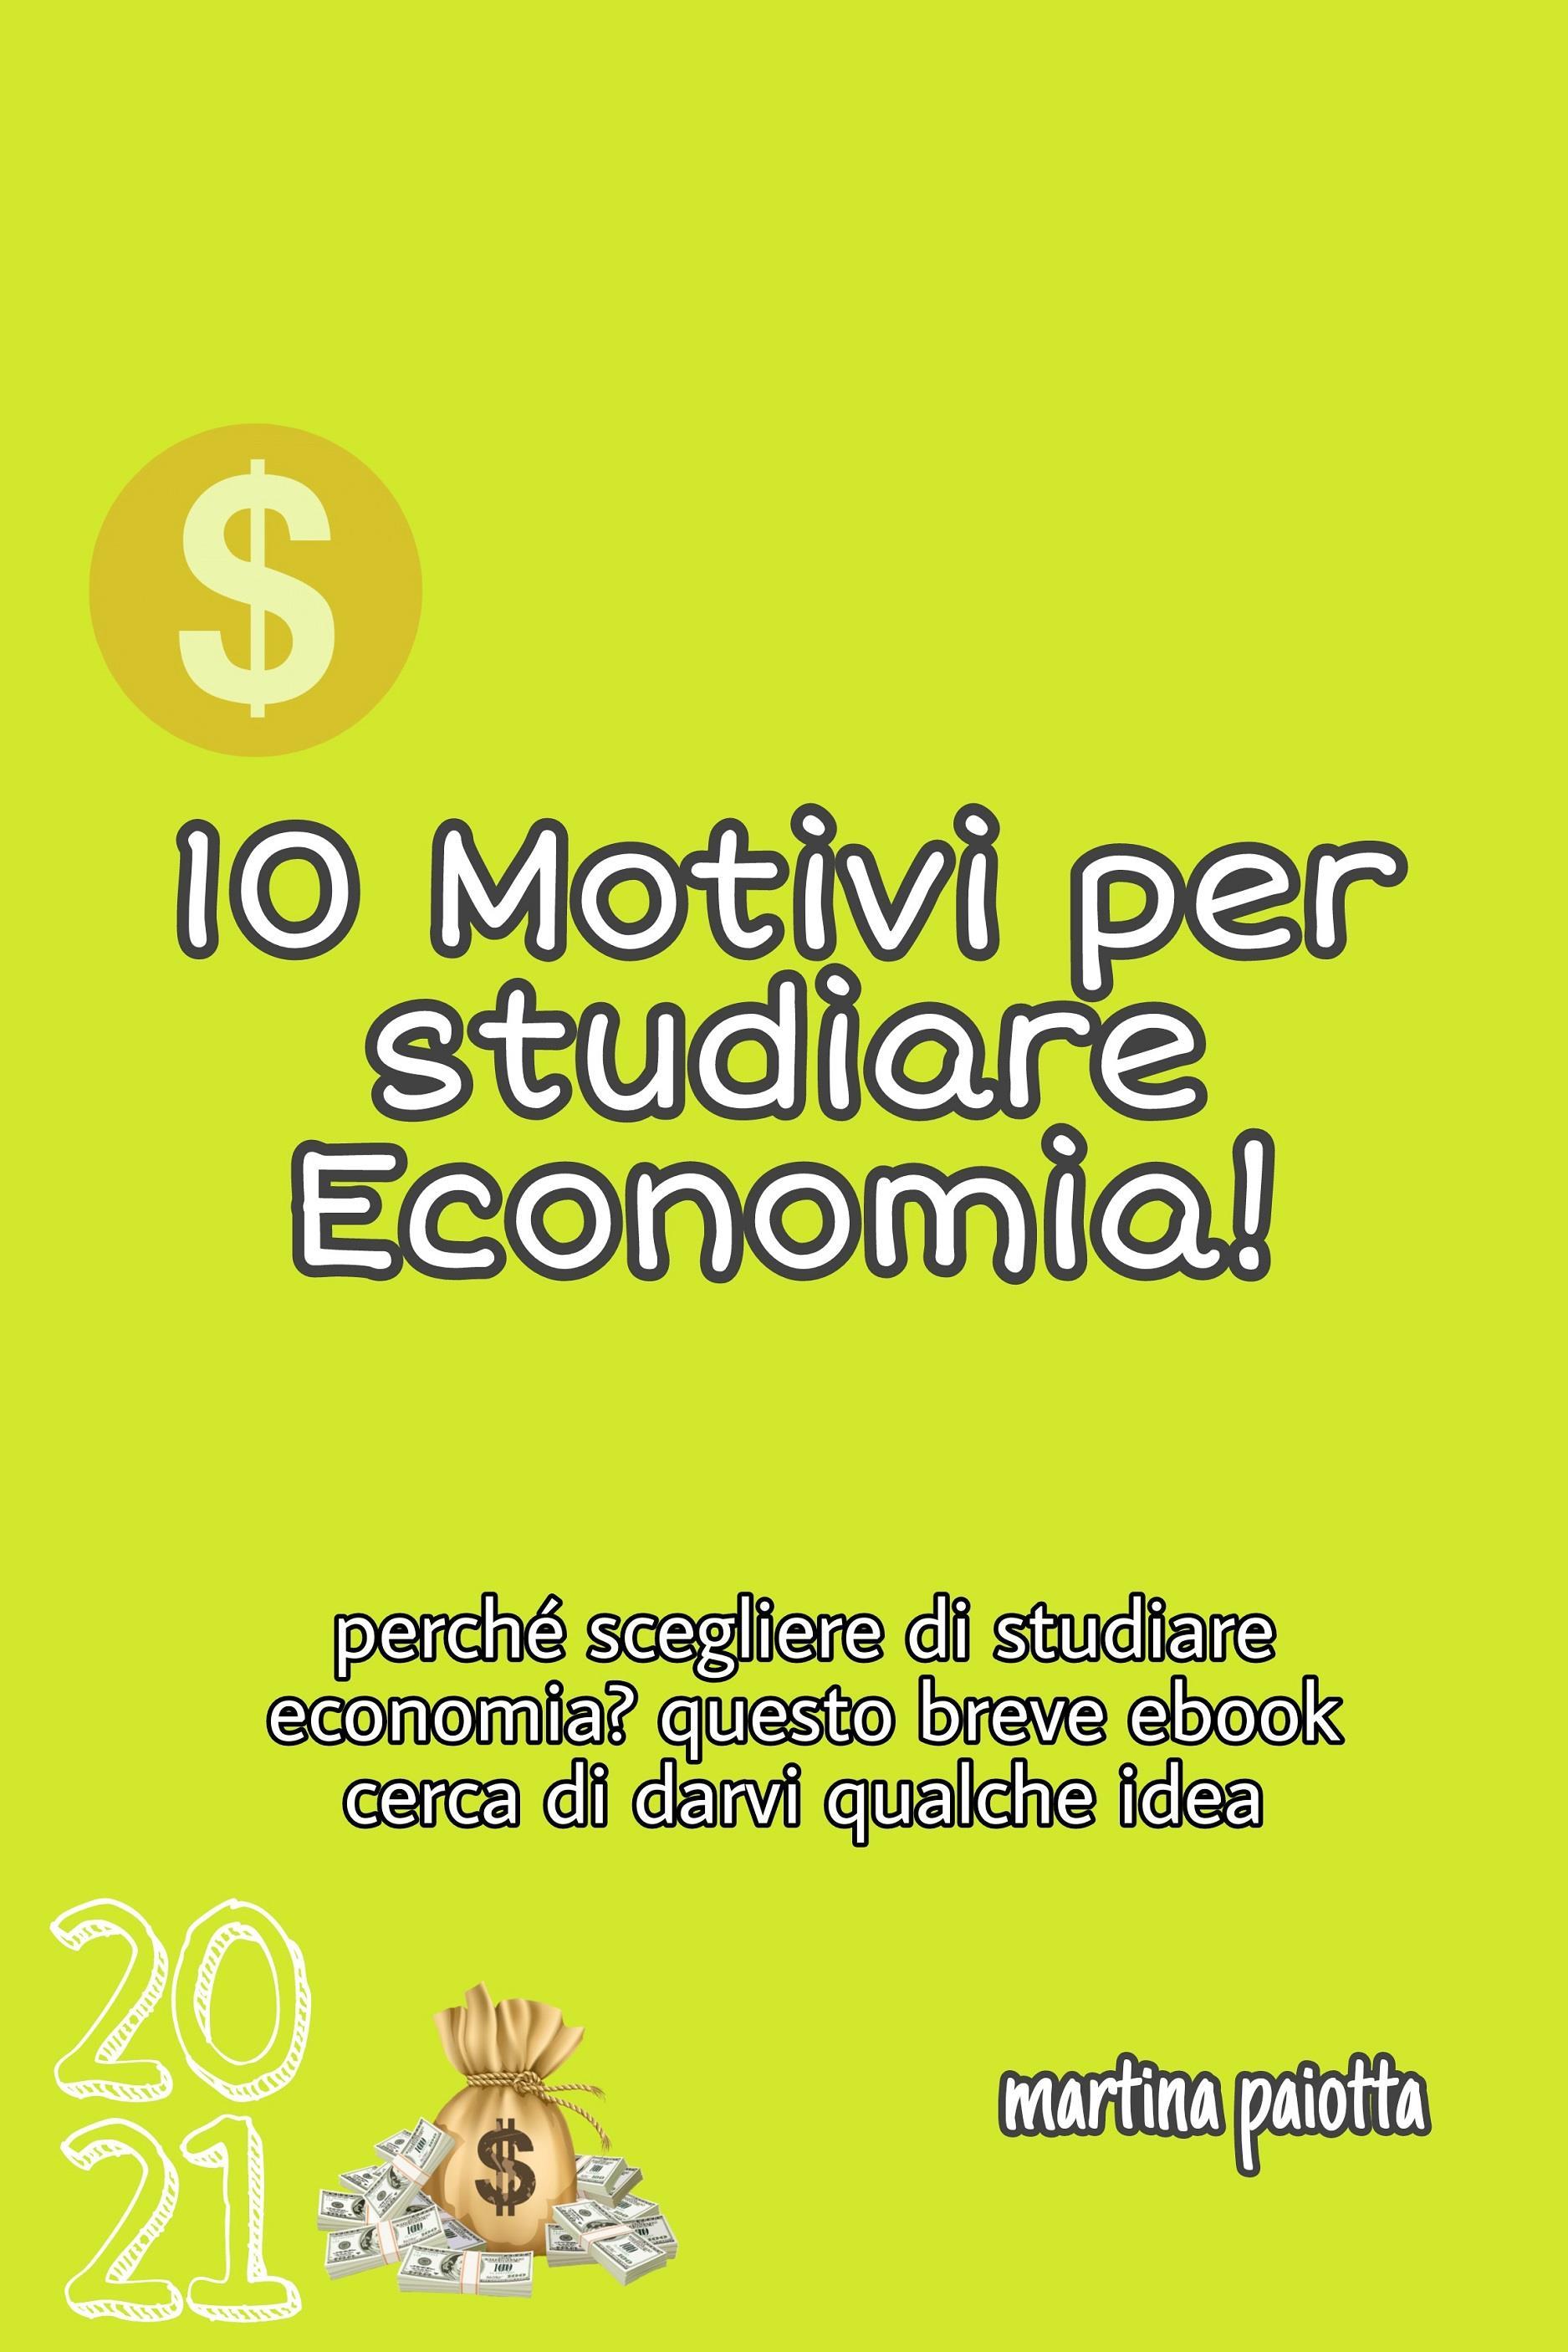 10 Motivi per studiare Economia!